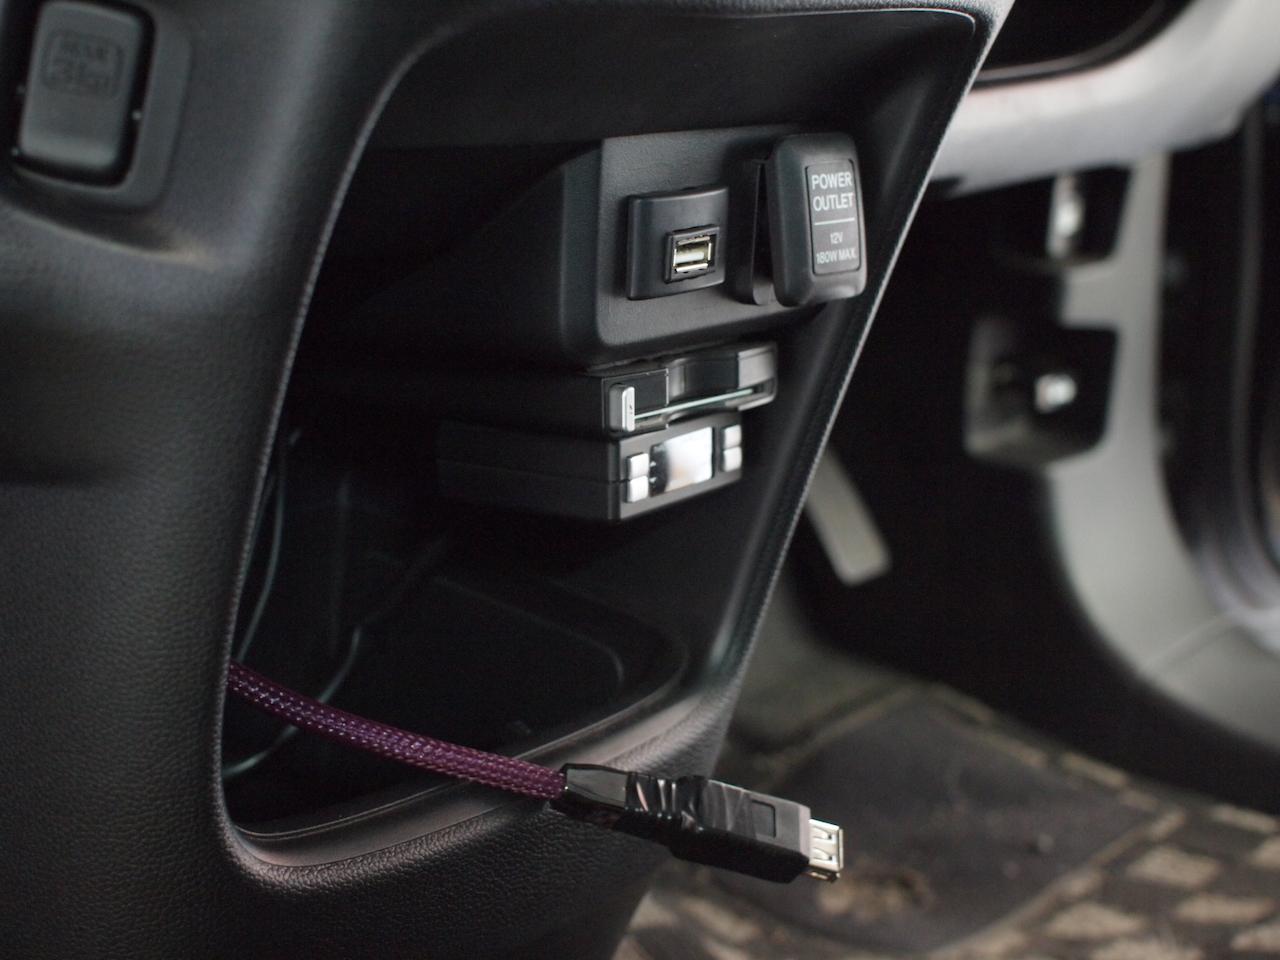 USBケーブル配線